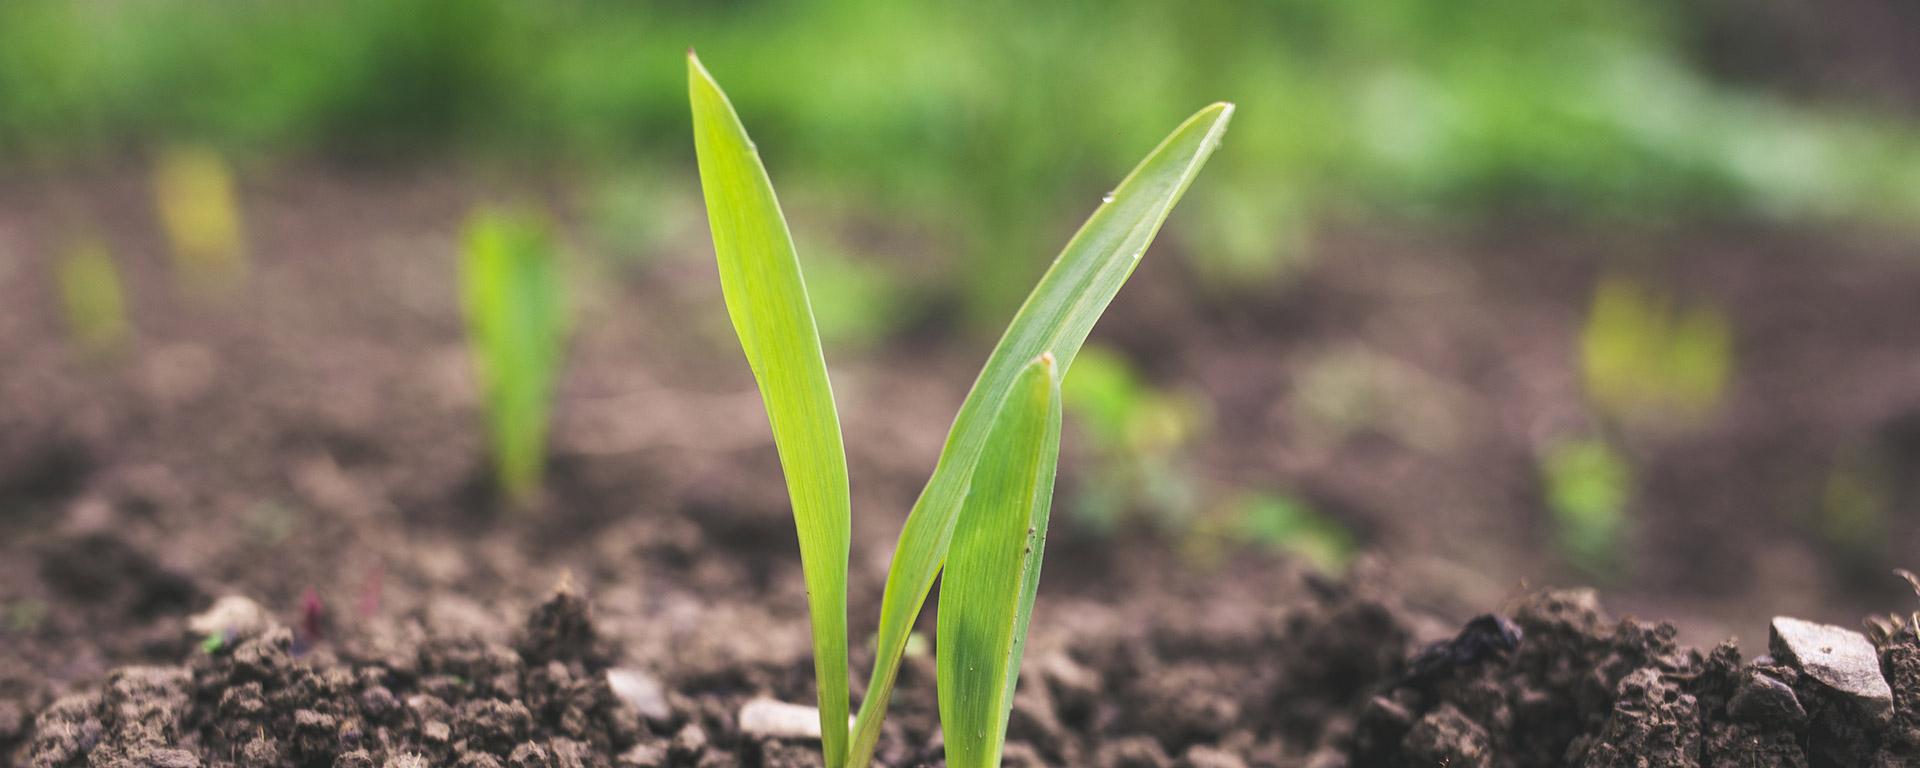 biochar-como-mejora-del-suelo-foto